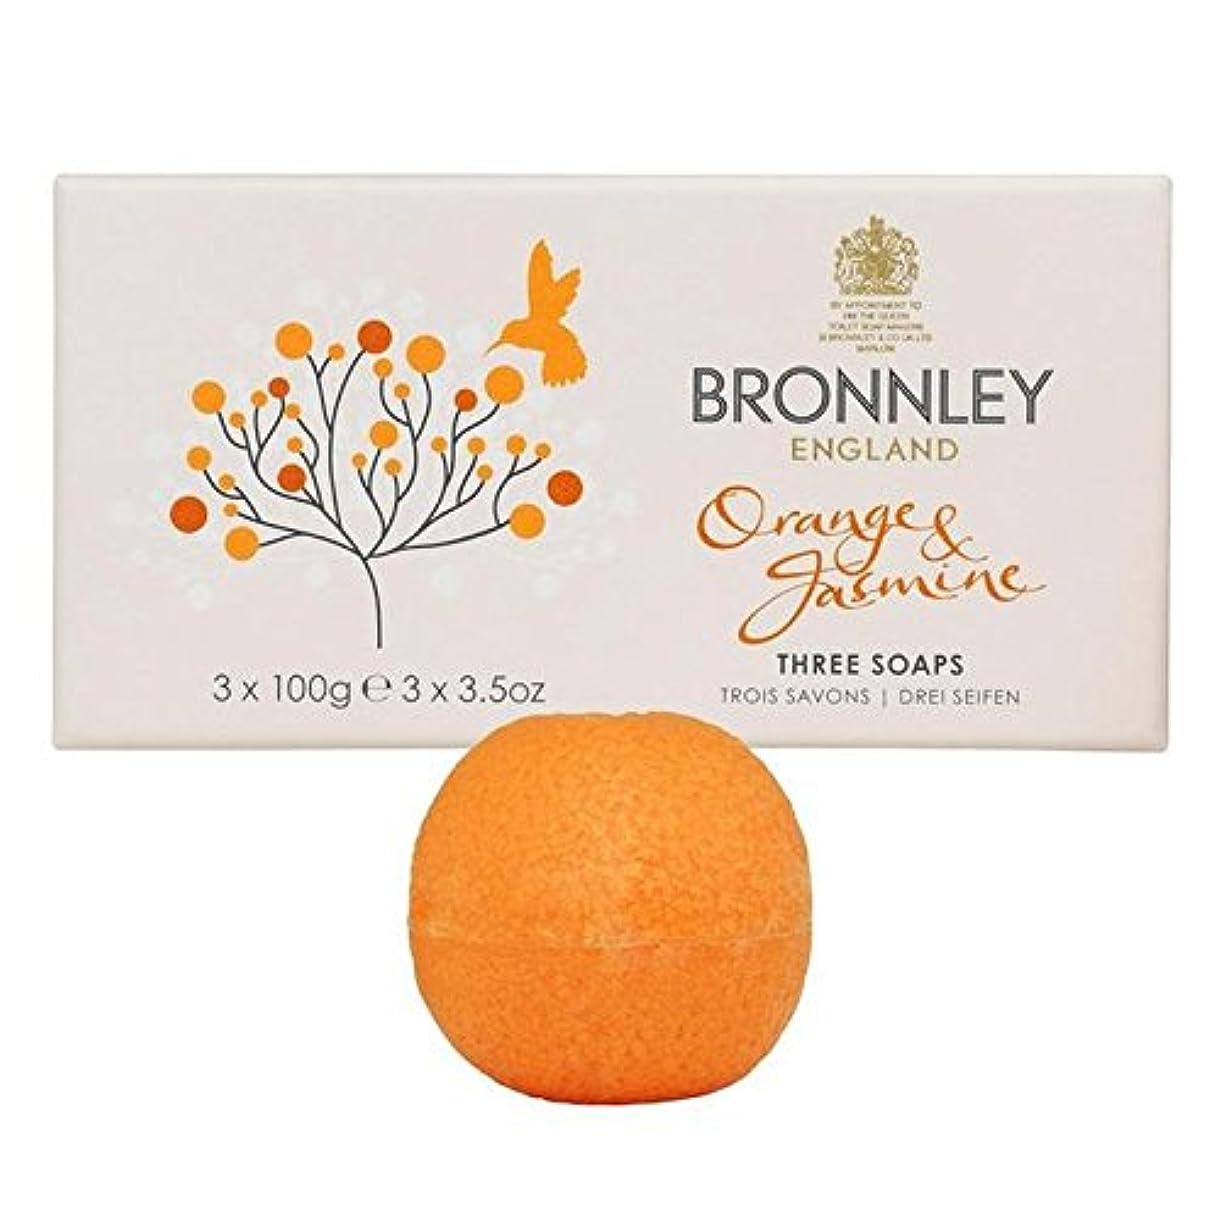 オレンジ&ジャスミン石鹸3×100グラム x4 - Bronnley Orange & Jasmine Soaps 3 x 100g (Pack of 4) [並行輸入品]